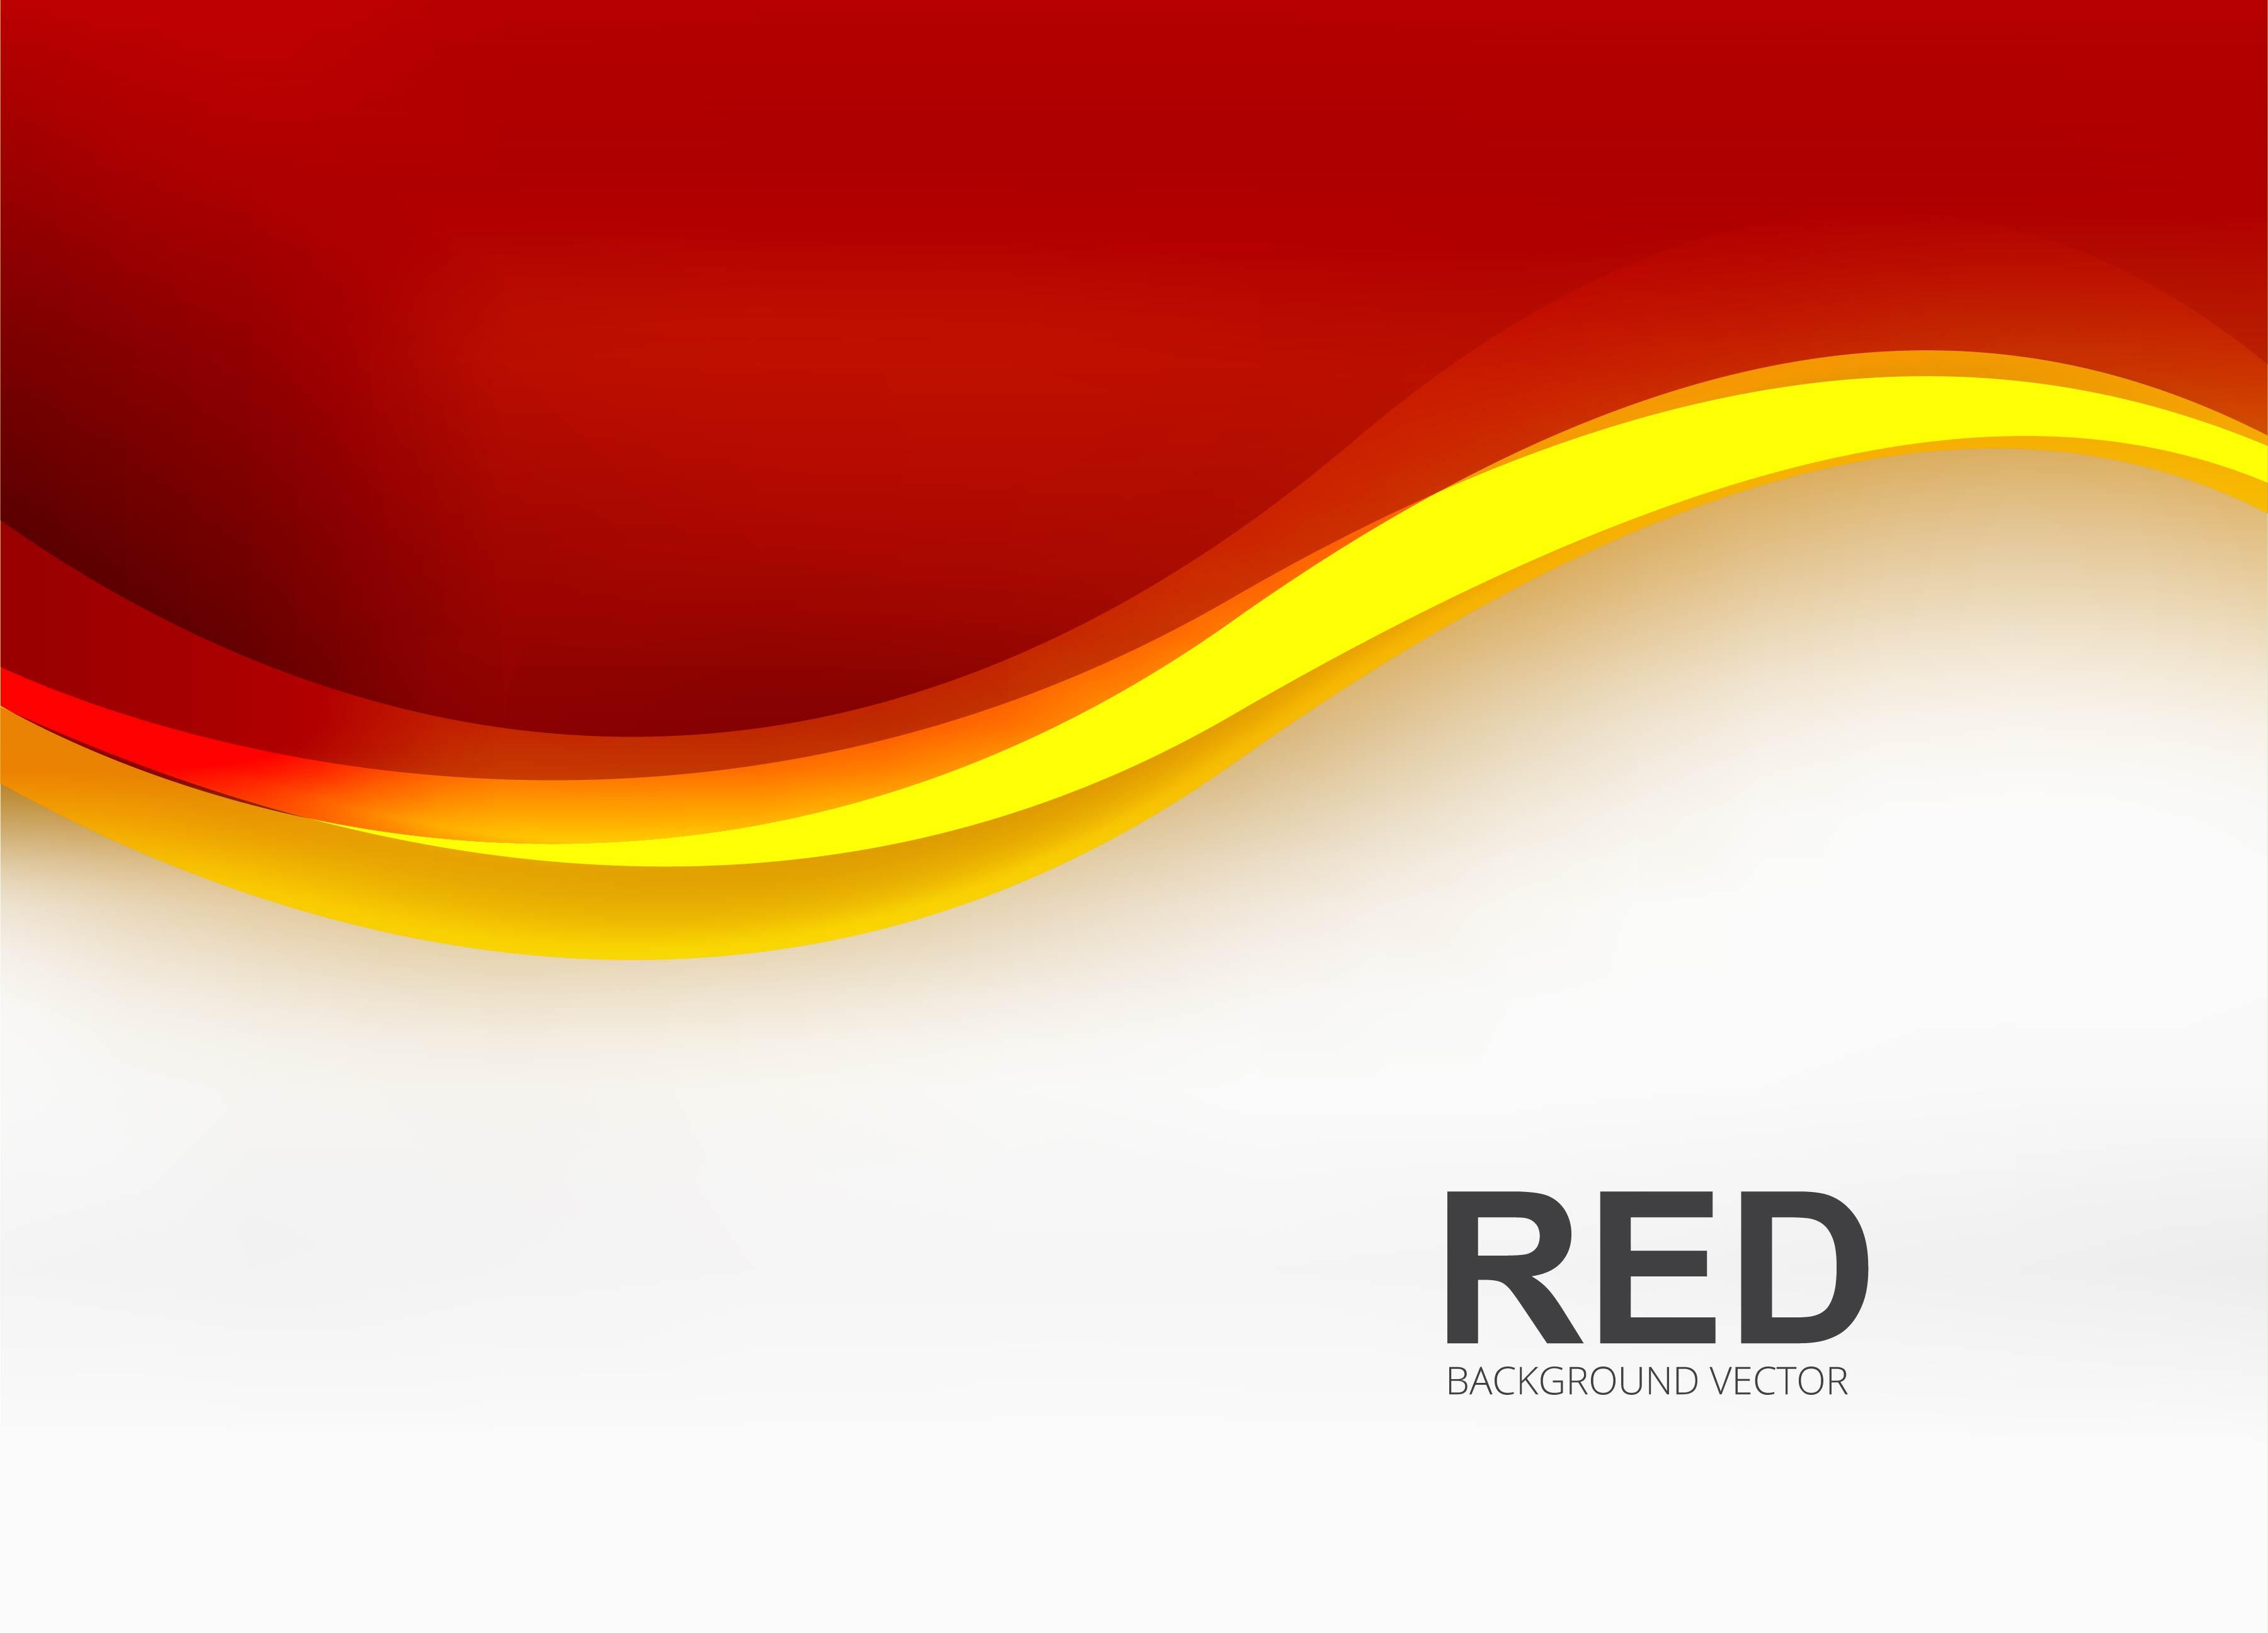 Modern Red Business Wave Background Illustration